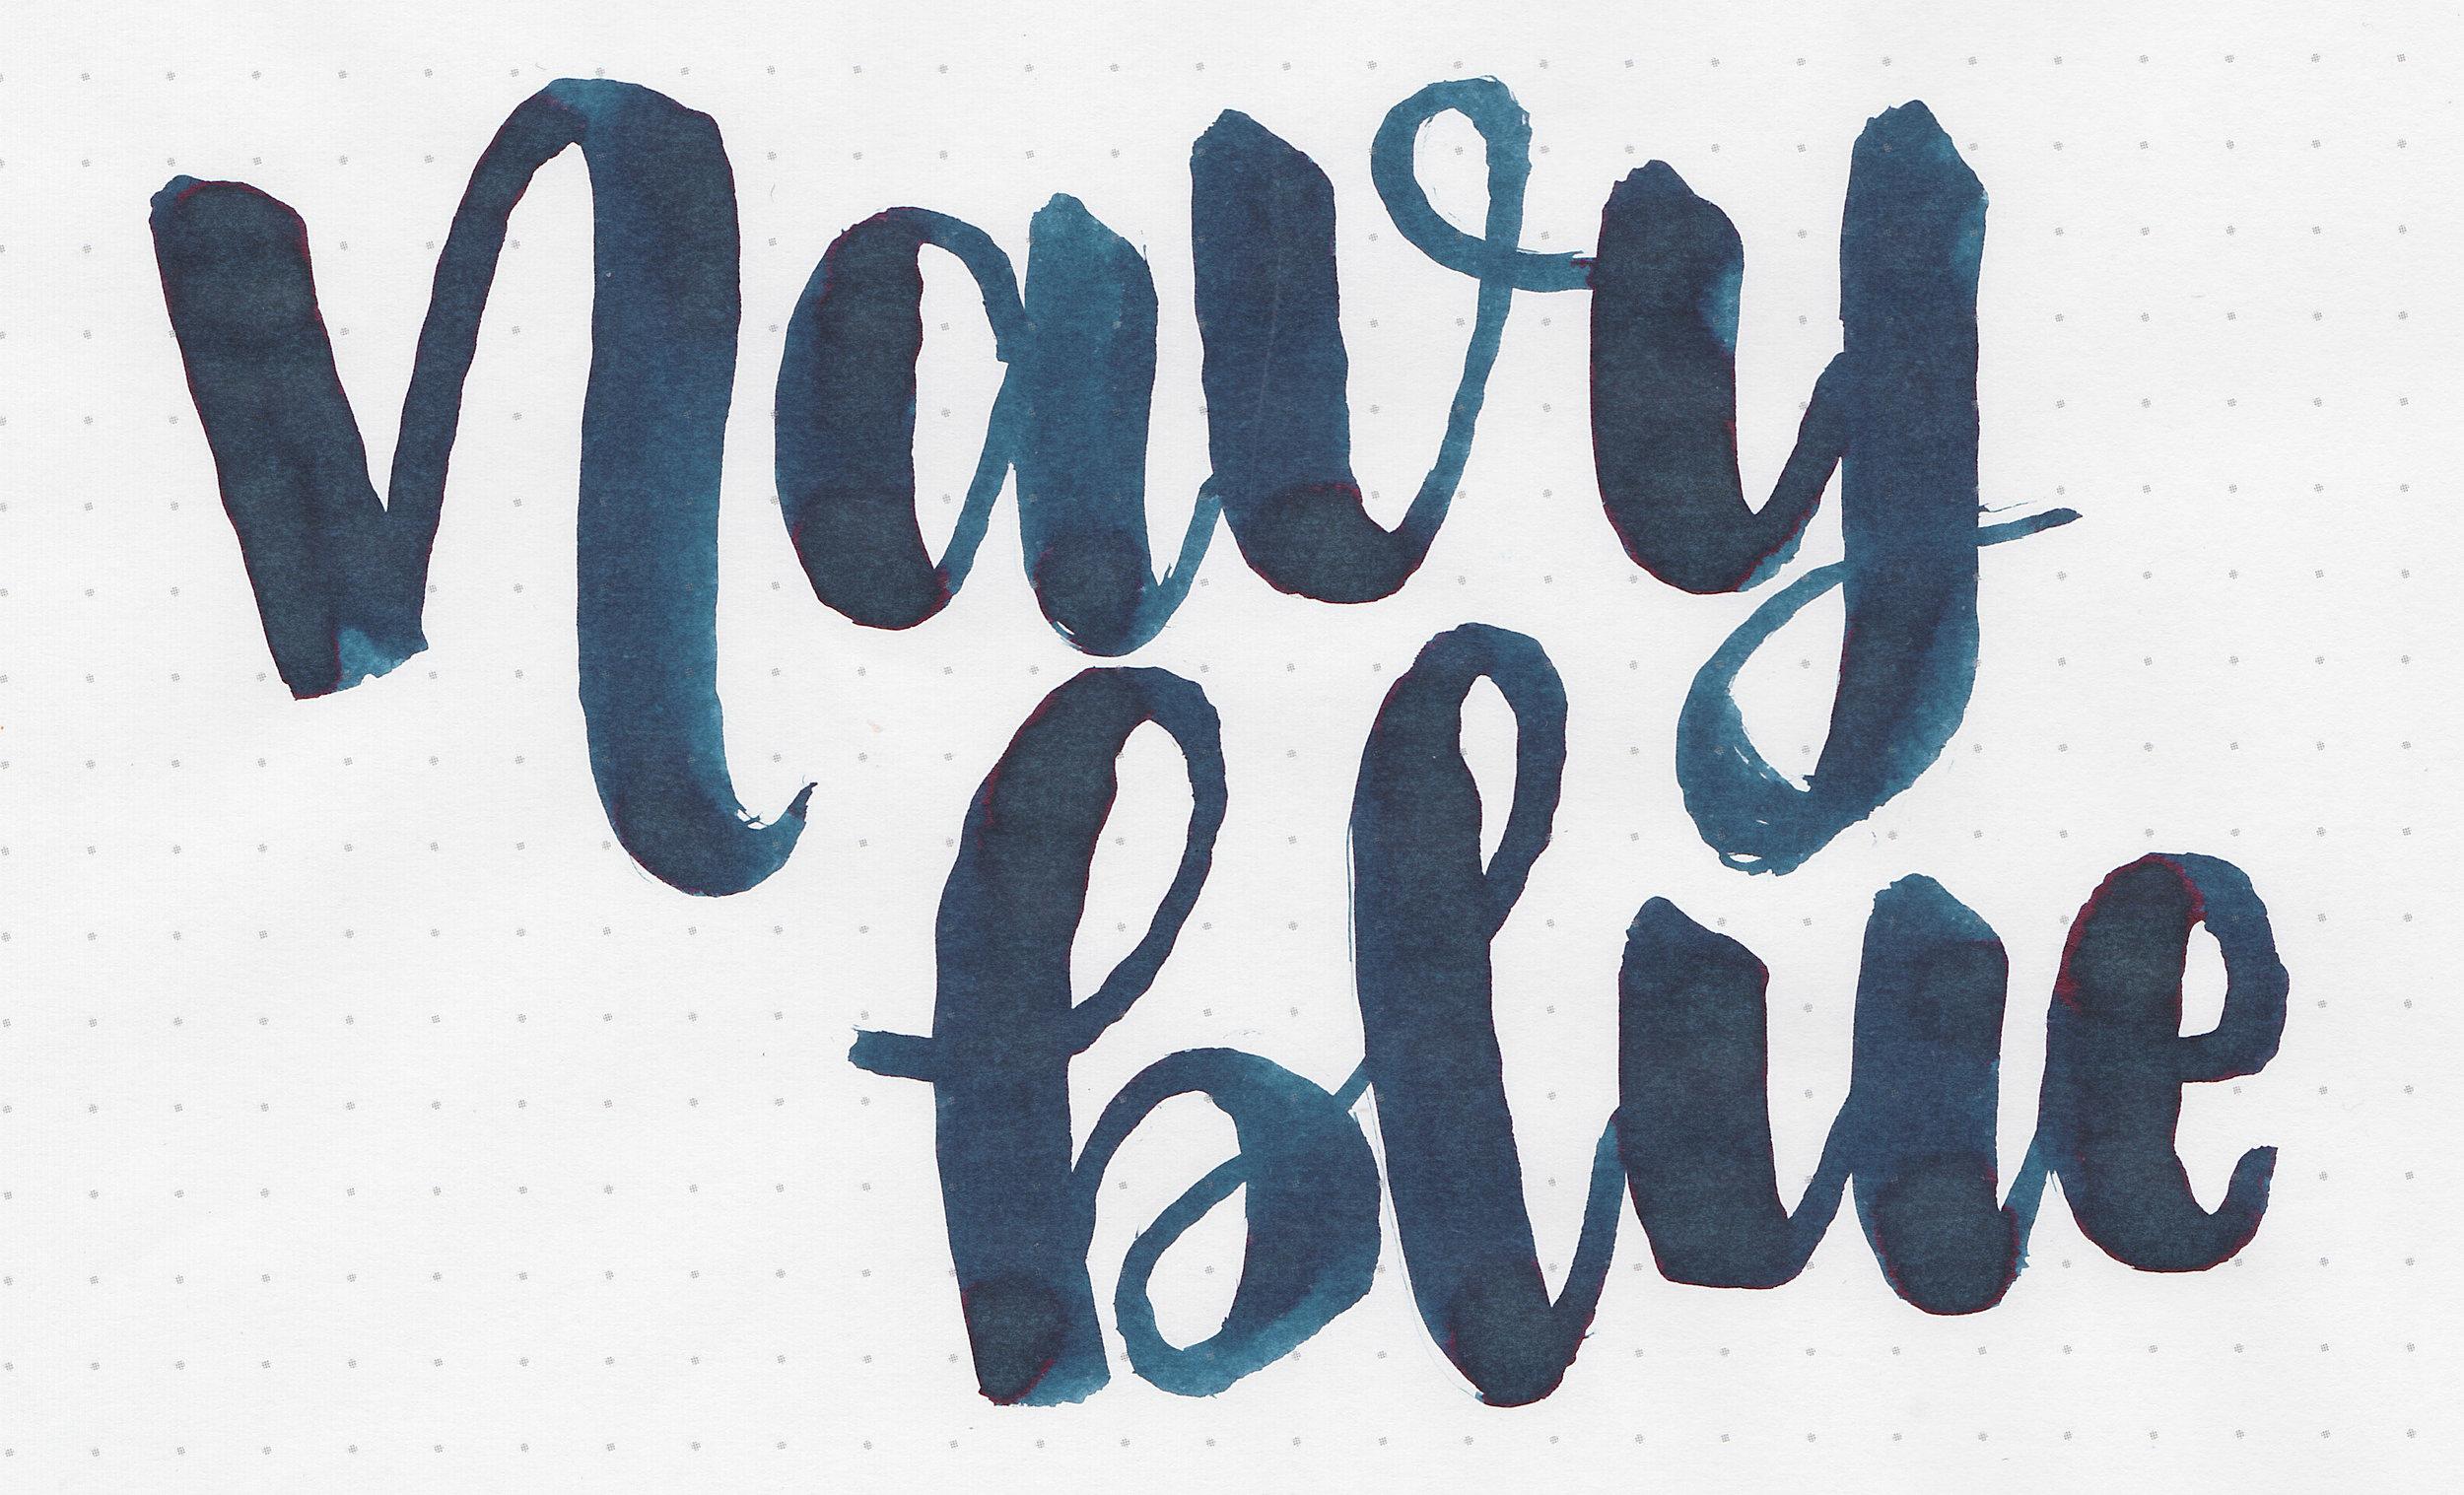 3o-navy-blue-2.jpg